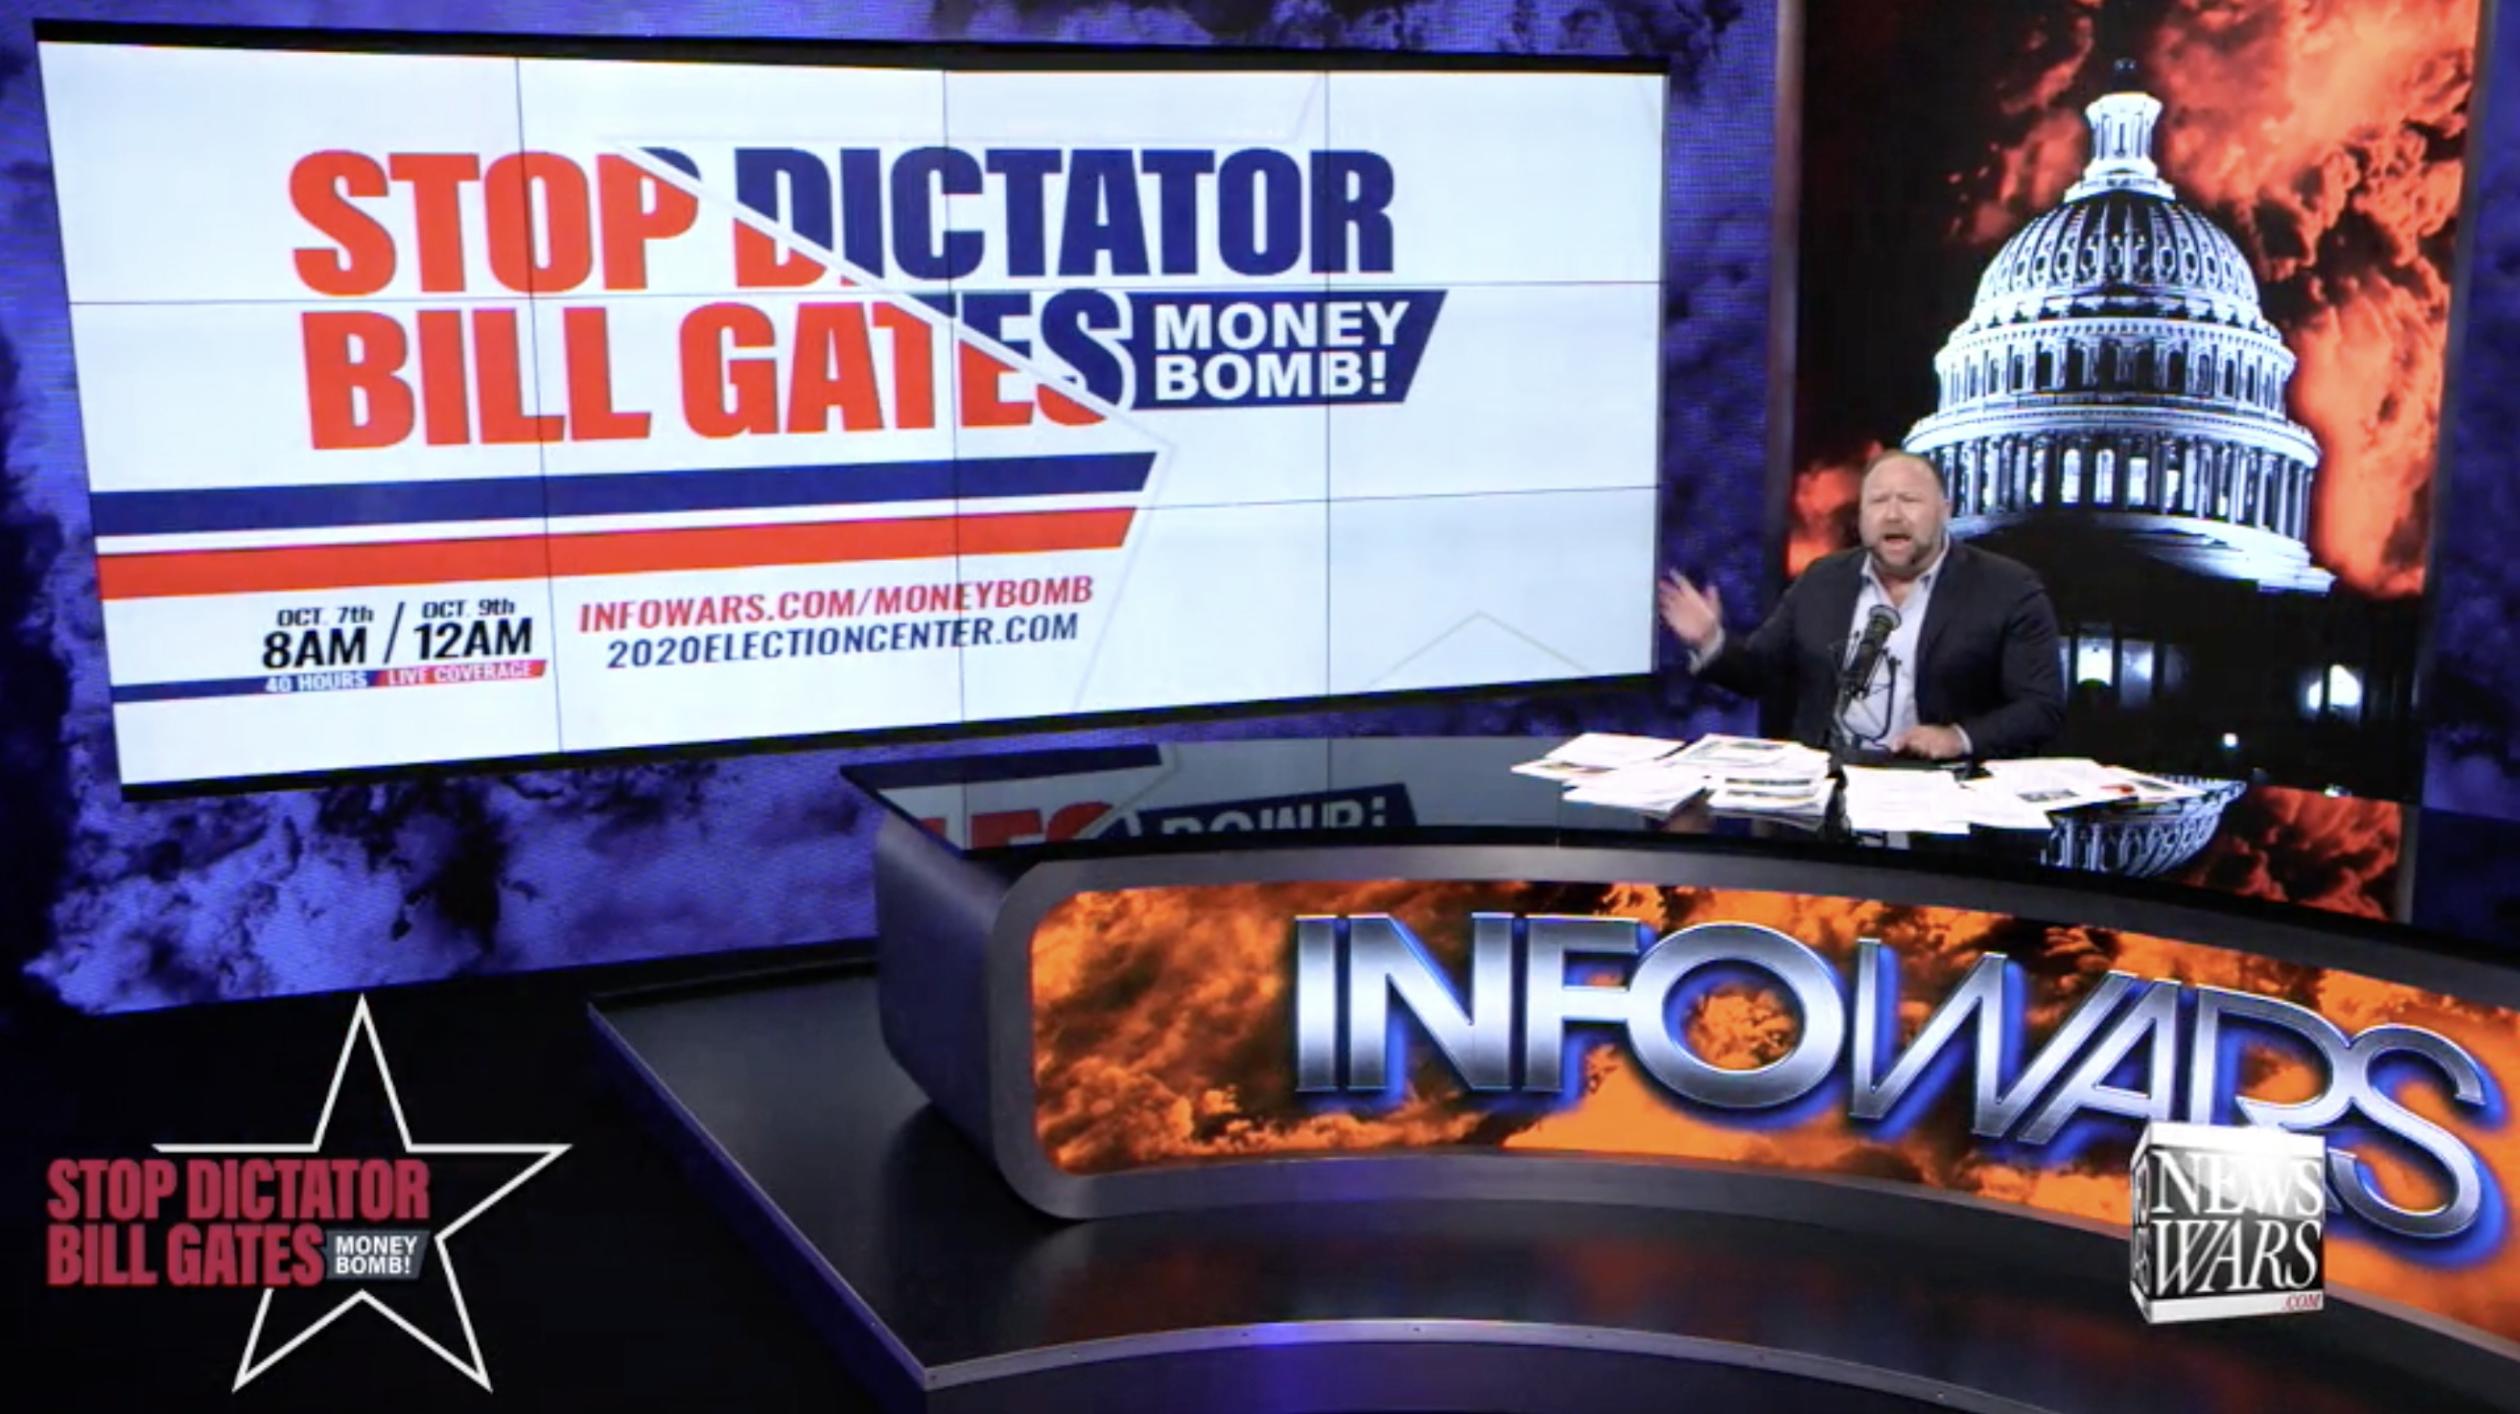 Alex Jones Stop Dictator Bill Gates Moneybomb In Infowars Studio EXZM October 8th 2020